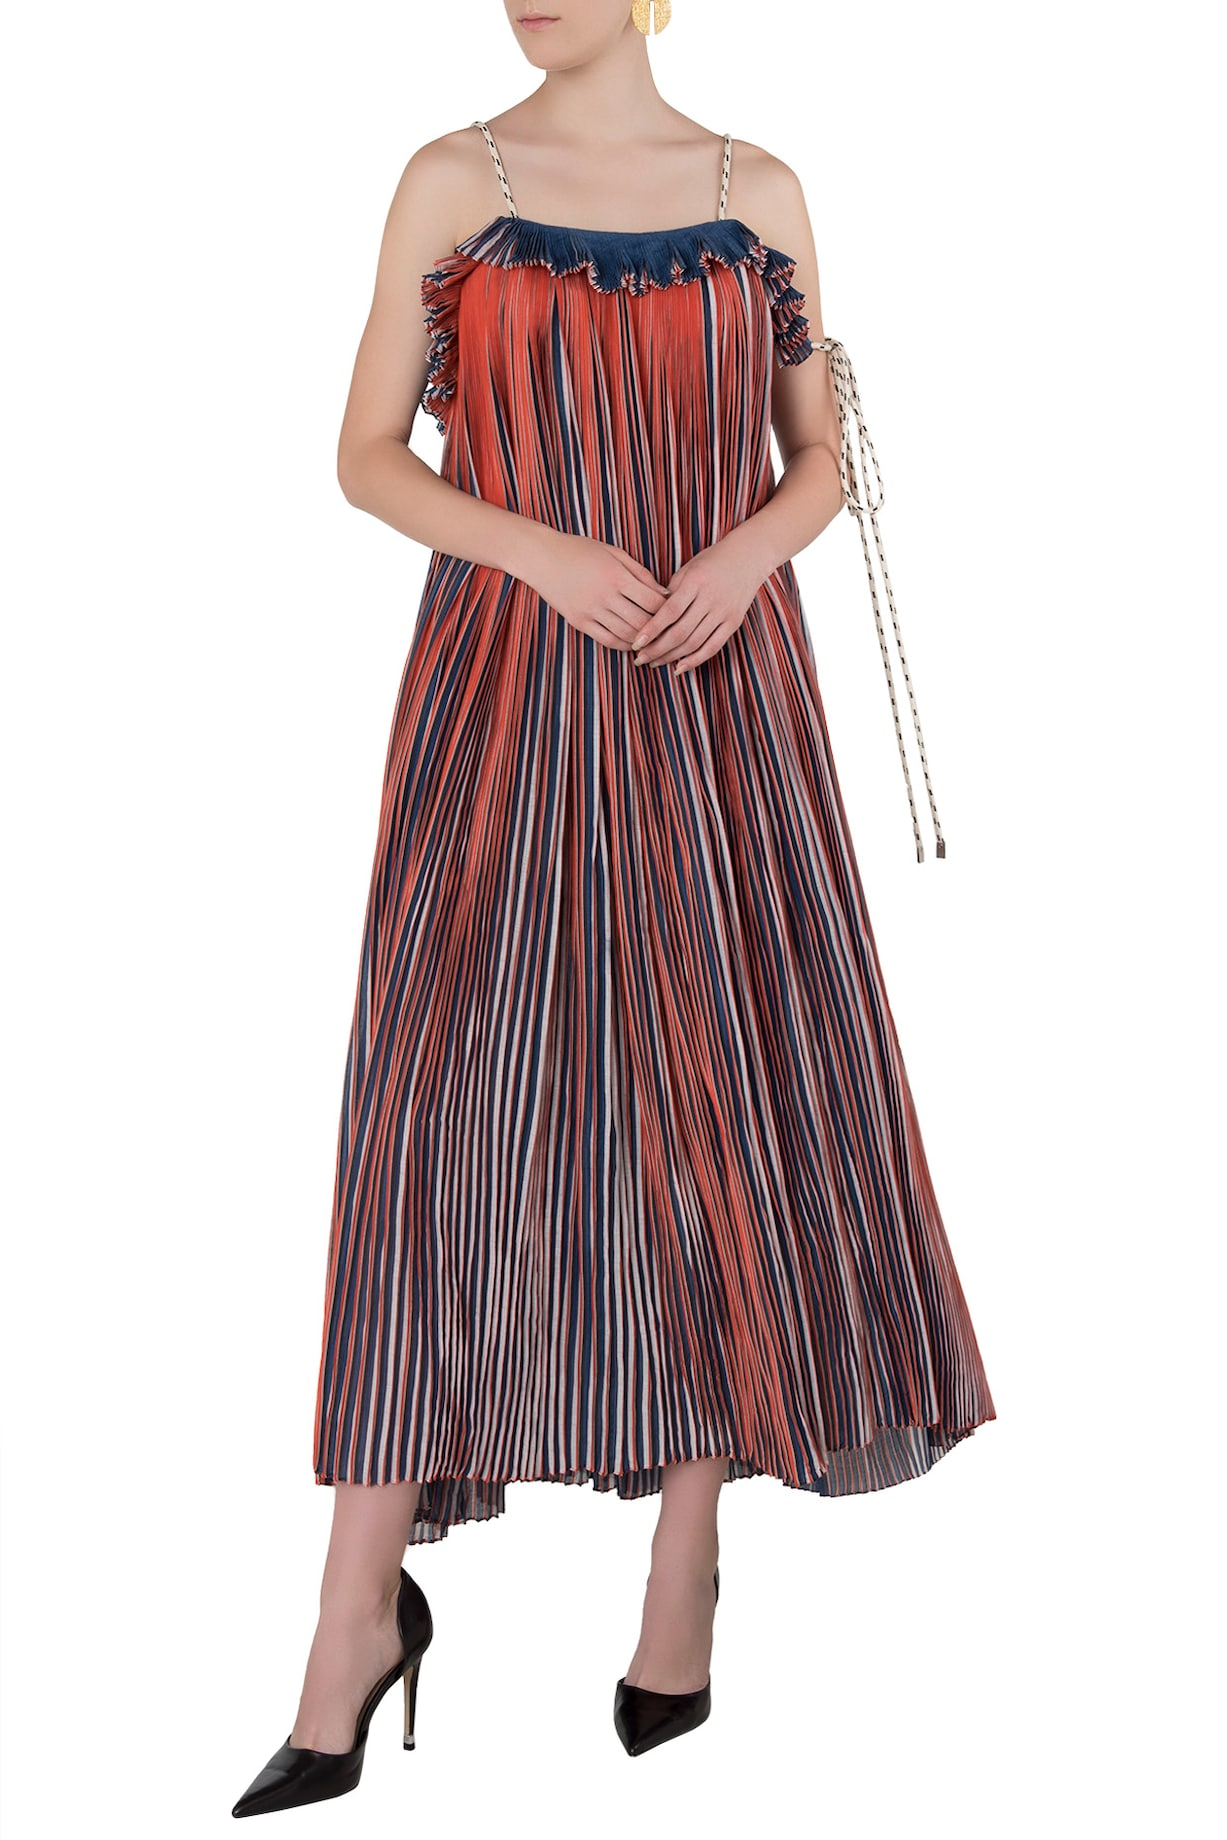 Saaksha & Kinni Dresses